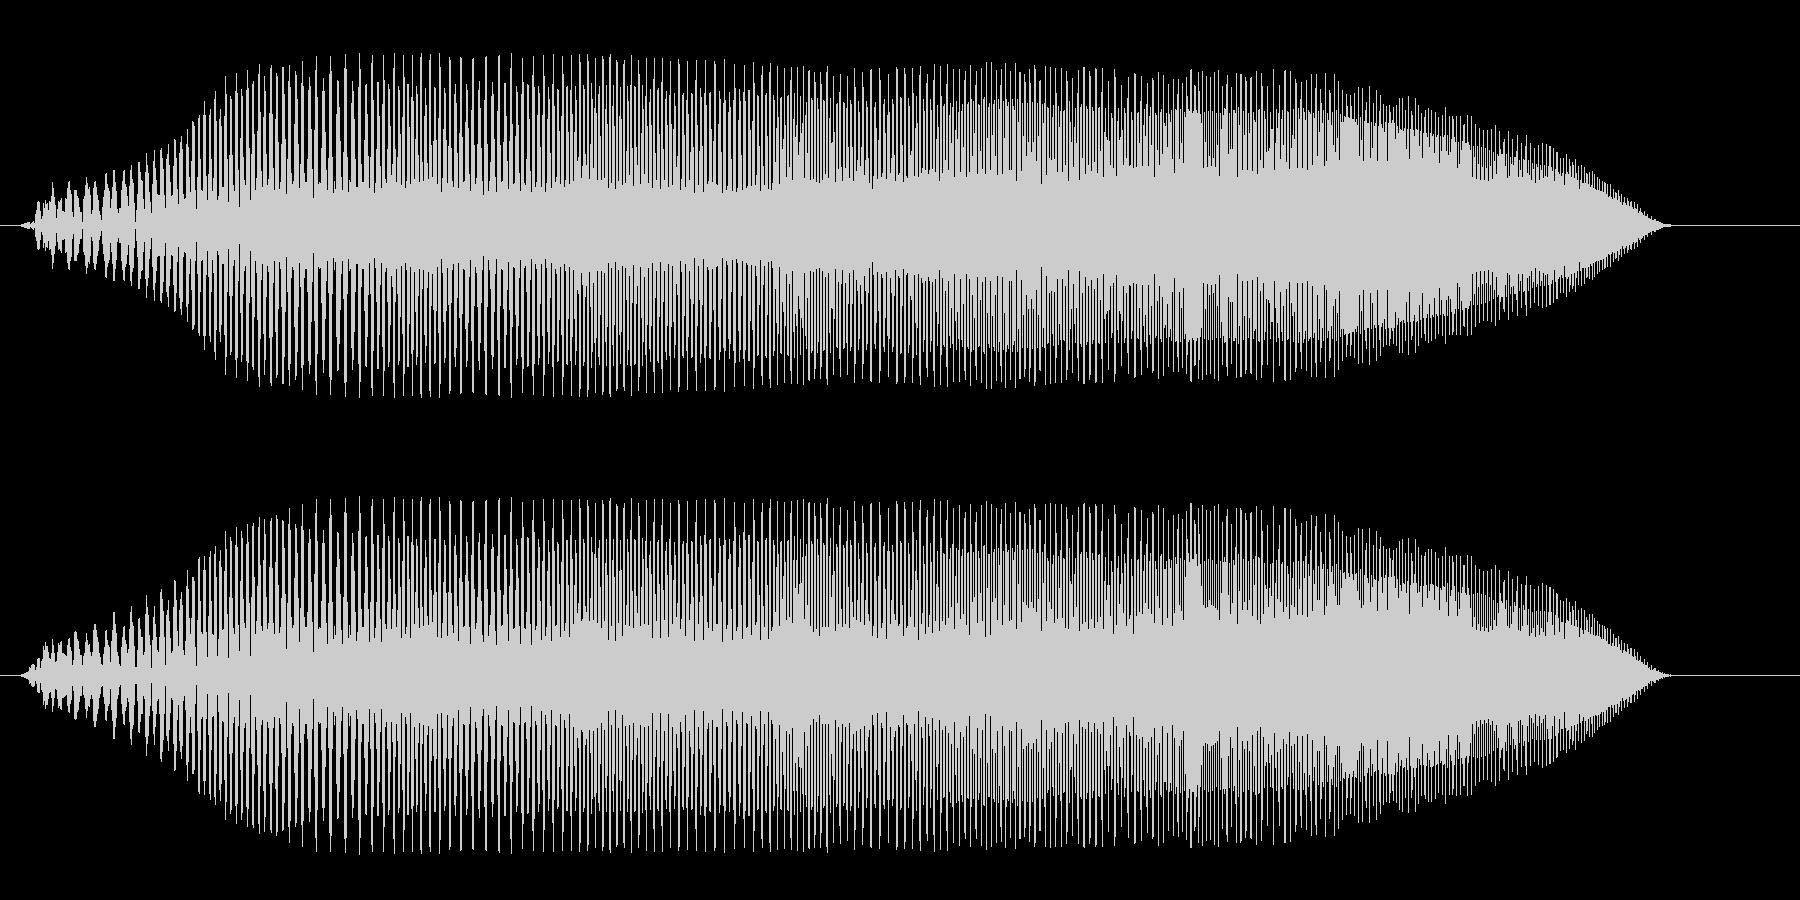 プヨプヨプヨ(成長)の未再生の波形